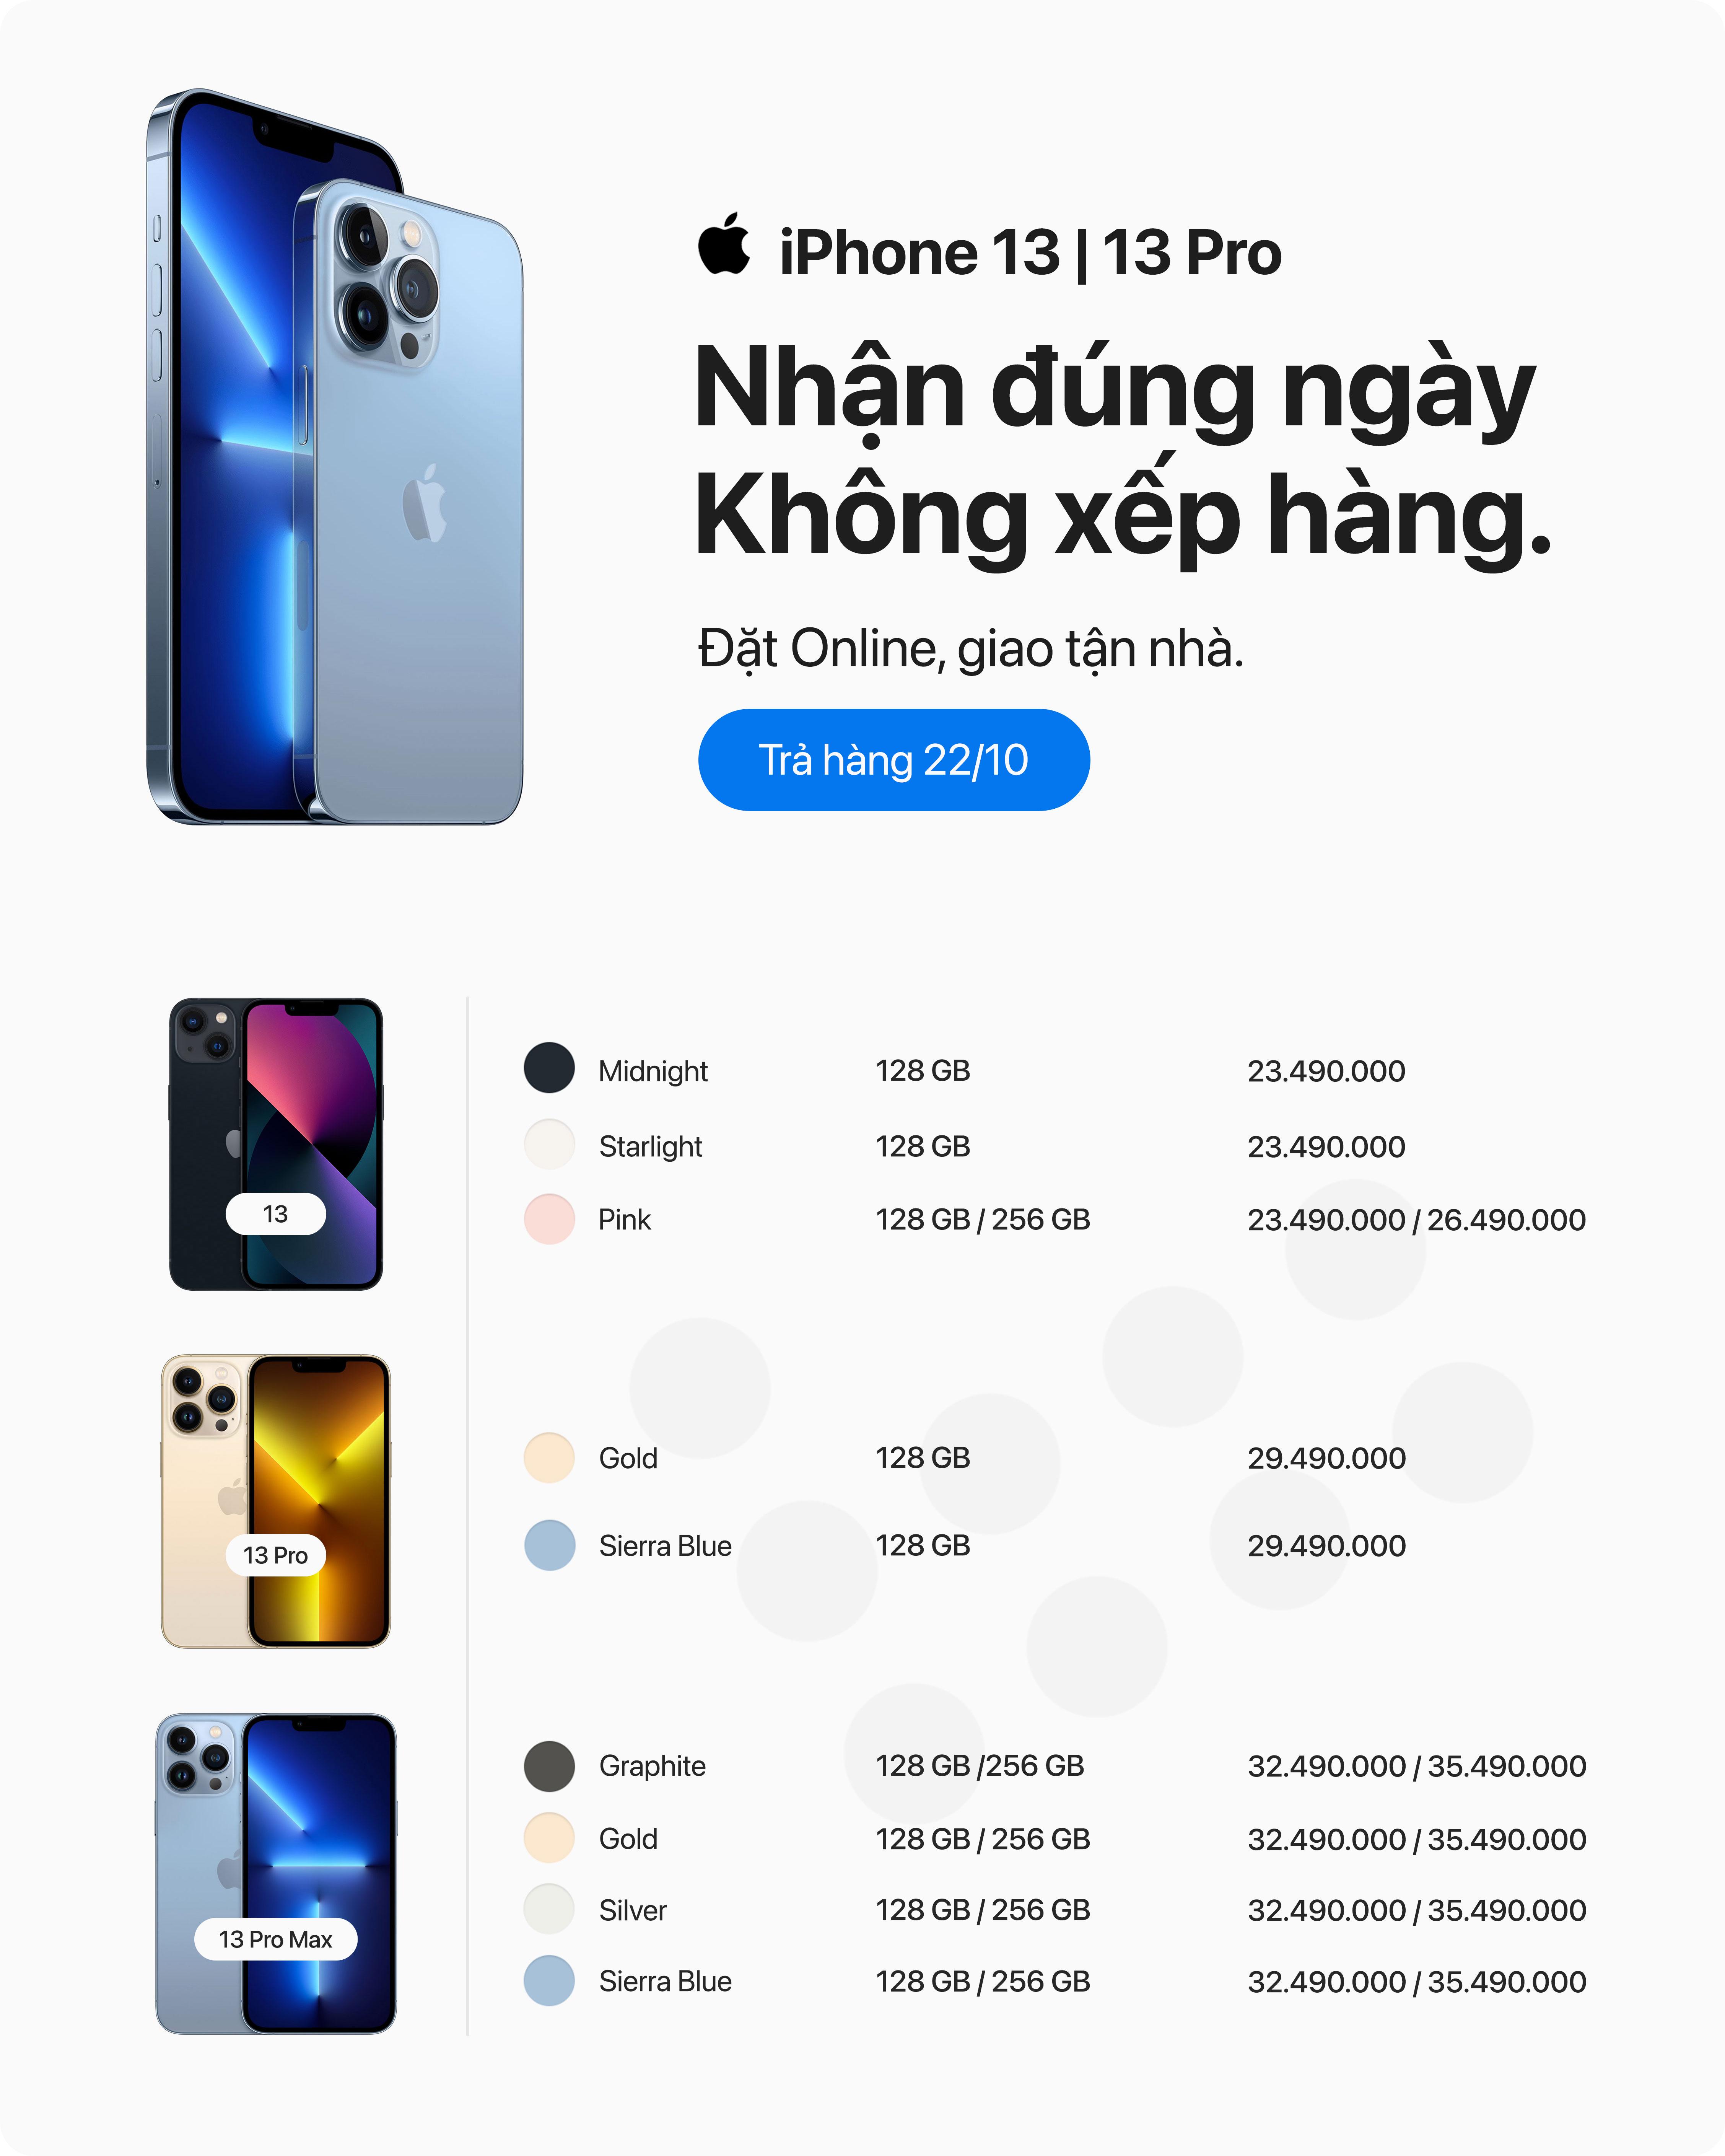 Đặt hàng iPhone 13 Series 2021 với giá tốt nhất